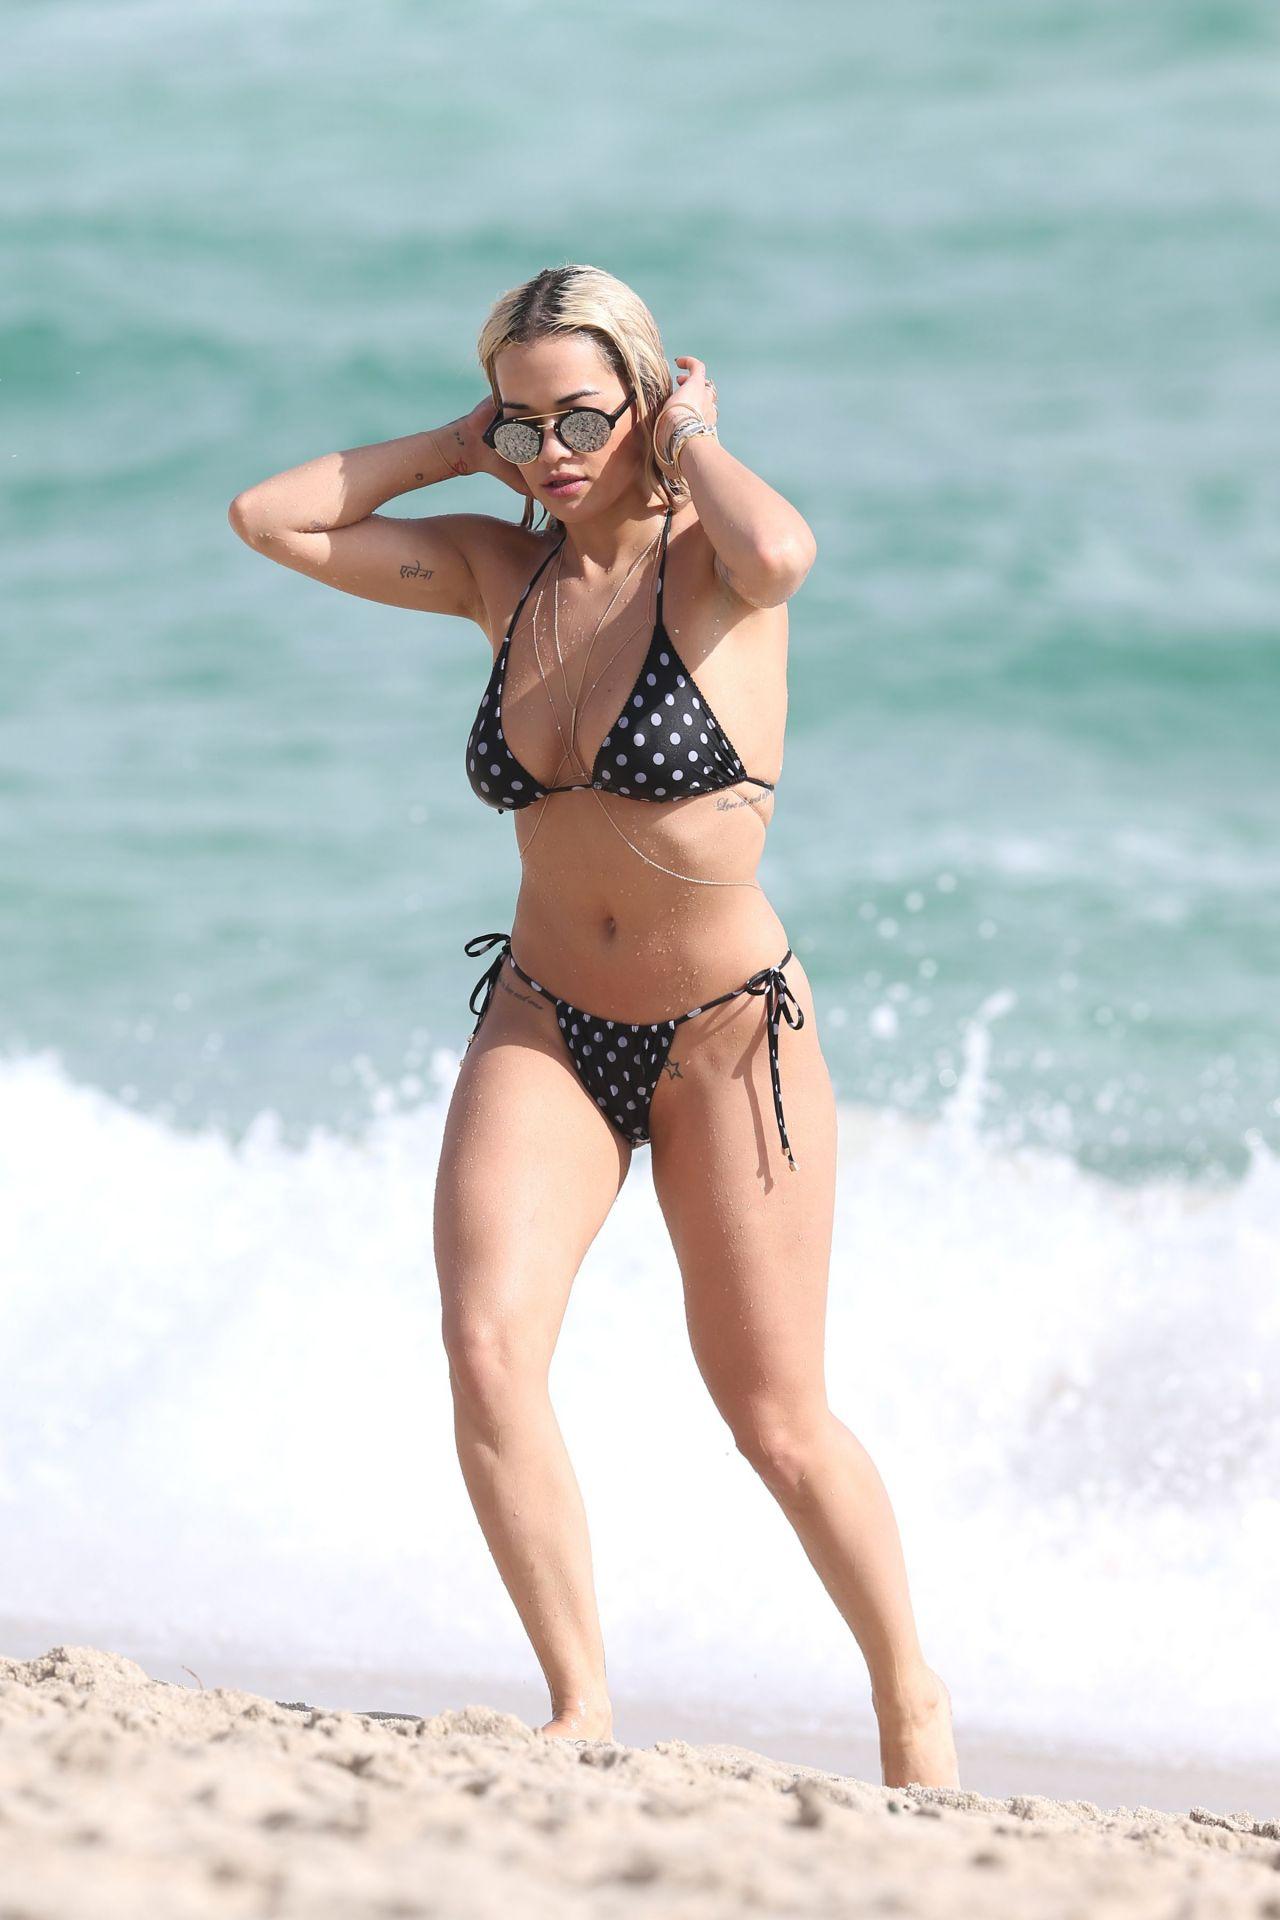 rita-ora-hot-in-a-bikini-beach-in-miami-12-30-2015-part-ii-3